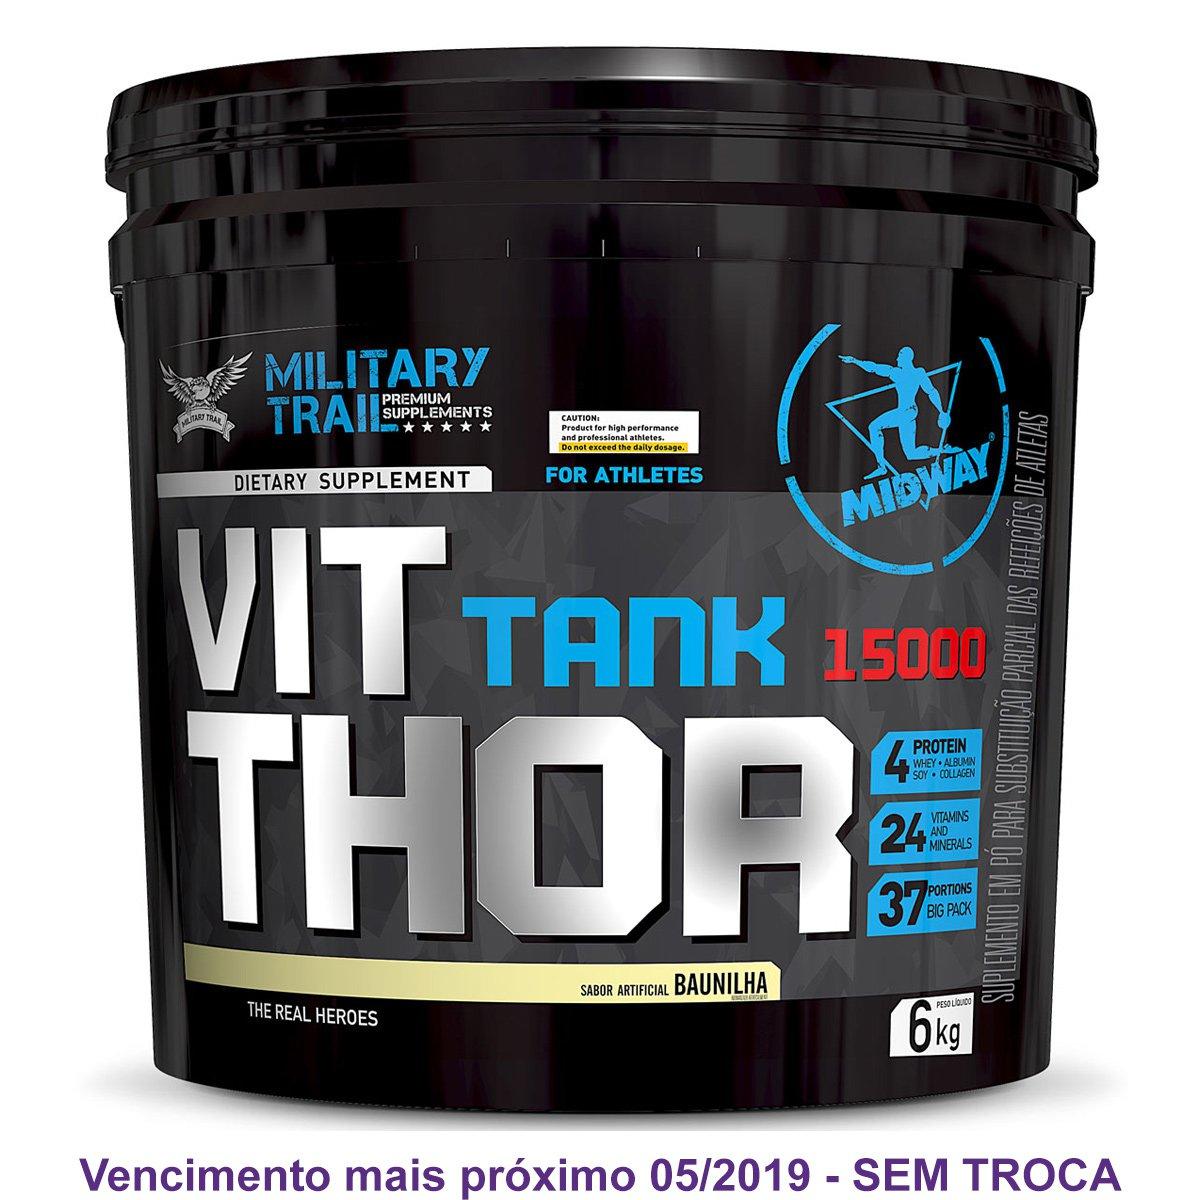 ab0678289 Hipercalórico Vit Thor 15.000 Military Trail 6 kg - Compre Agora ...